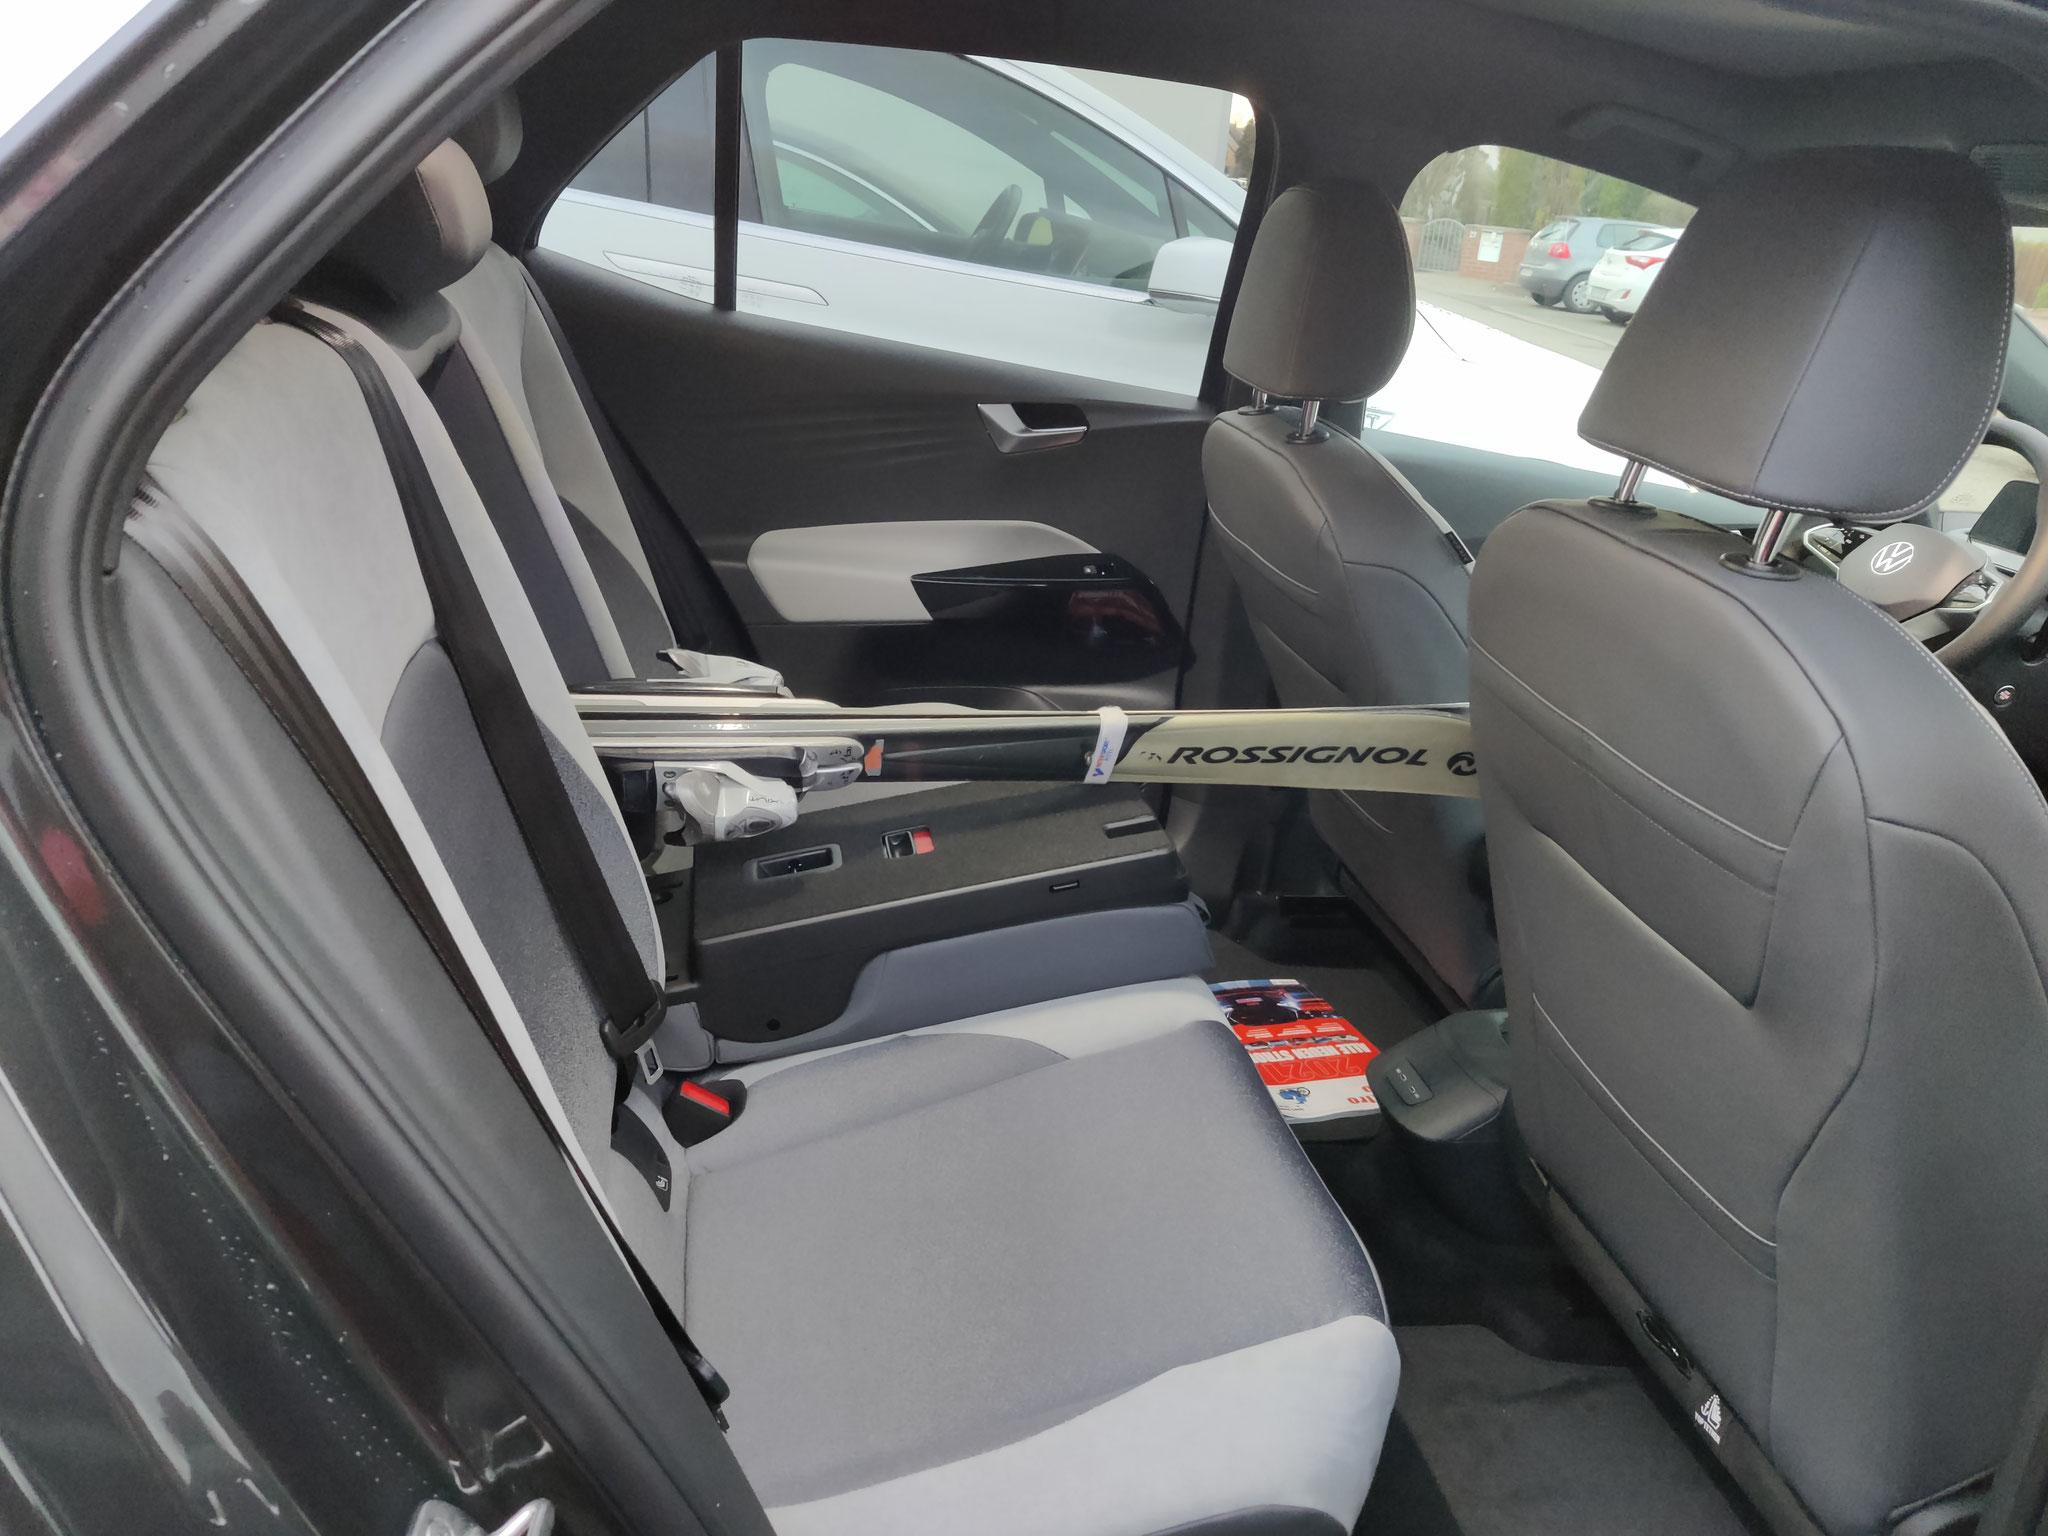 Für einen Kompaktwagen geht in den Kofferraum echt was rein.